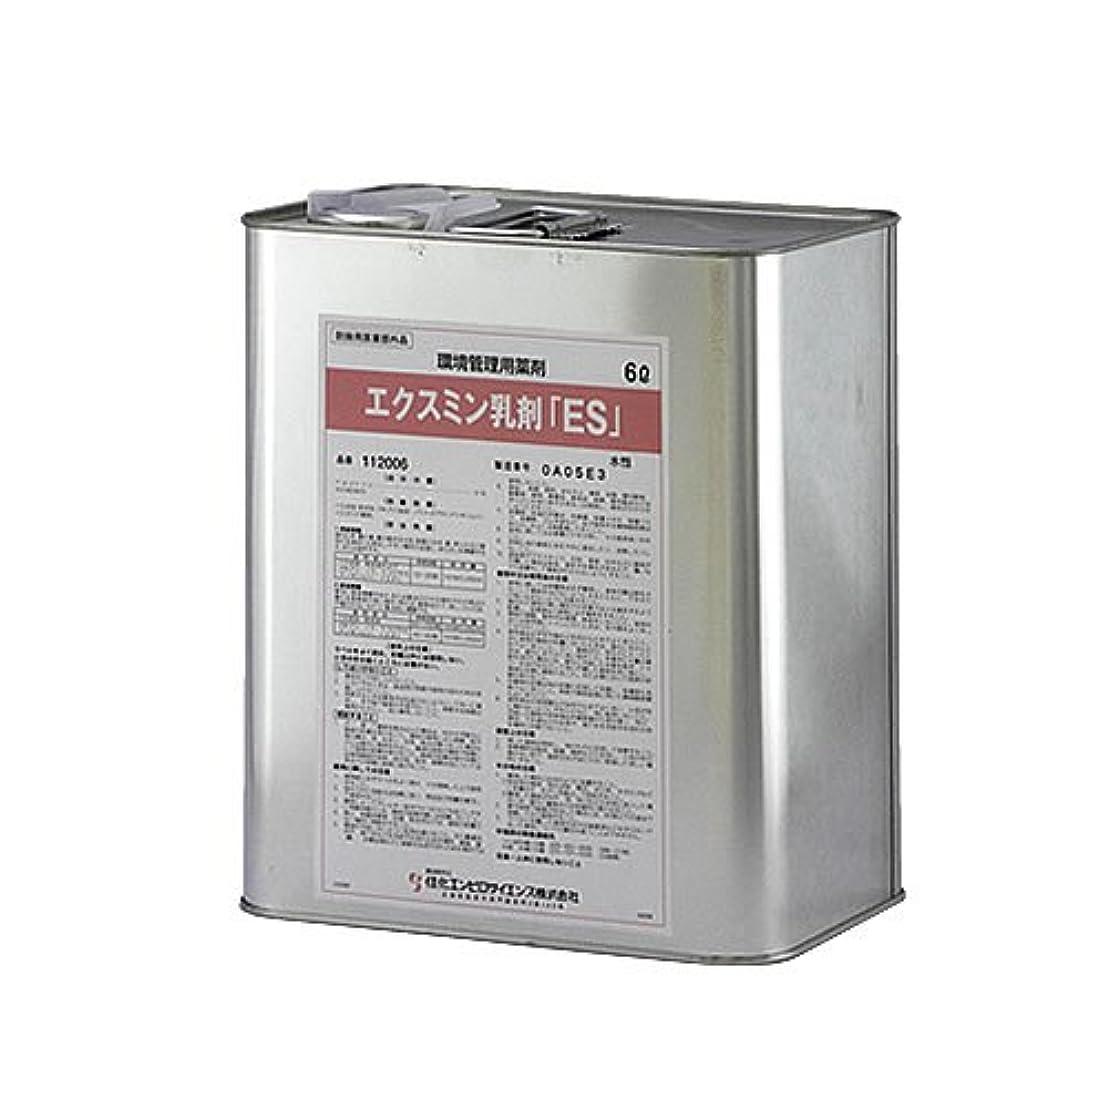 部門面積ディンカルビル水性エクスミン乳剤「SES」 6L 業務用殺虫剤 ゴキブリ?ハエ?蚊対策